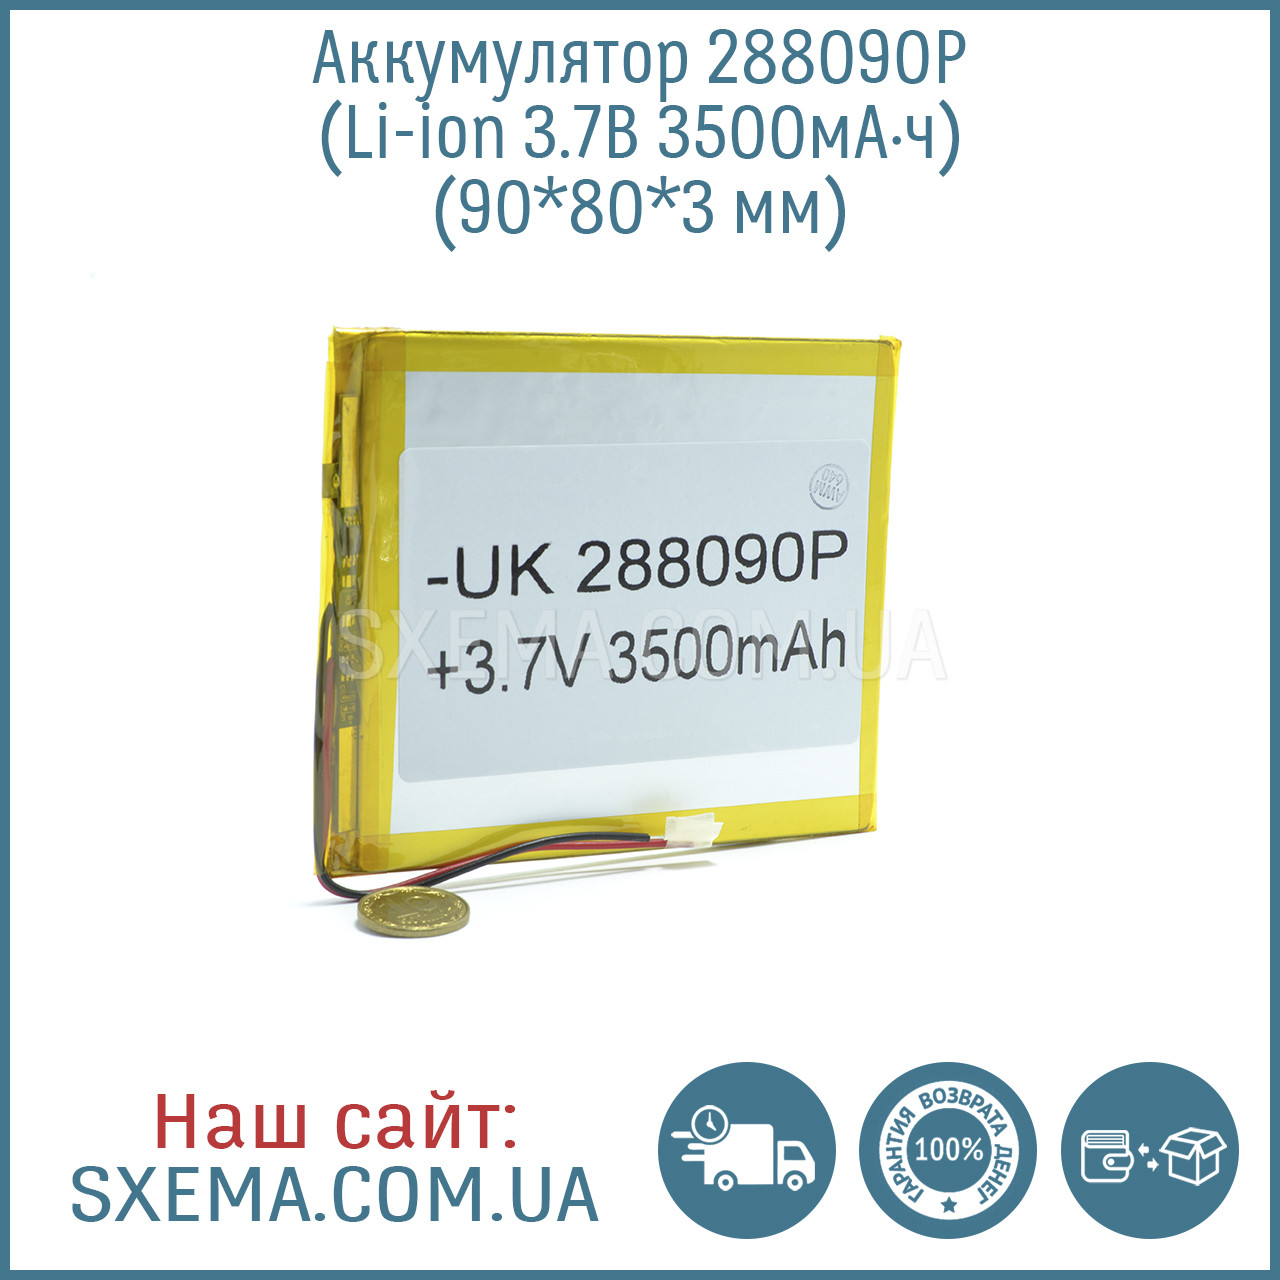 Аккумулятор универсальный 288090 (Li-ion 3.7В 3500мА·ч), (90*80*3 мм)